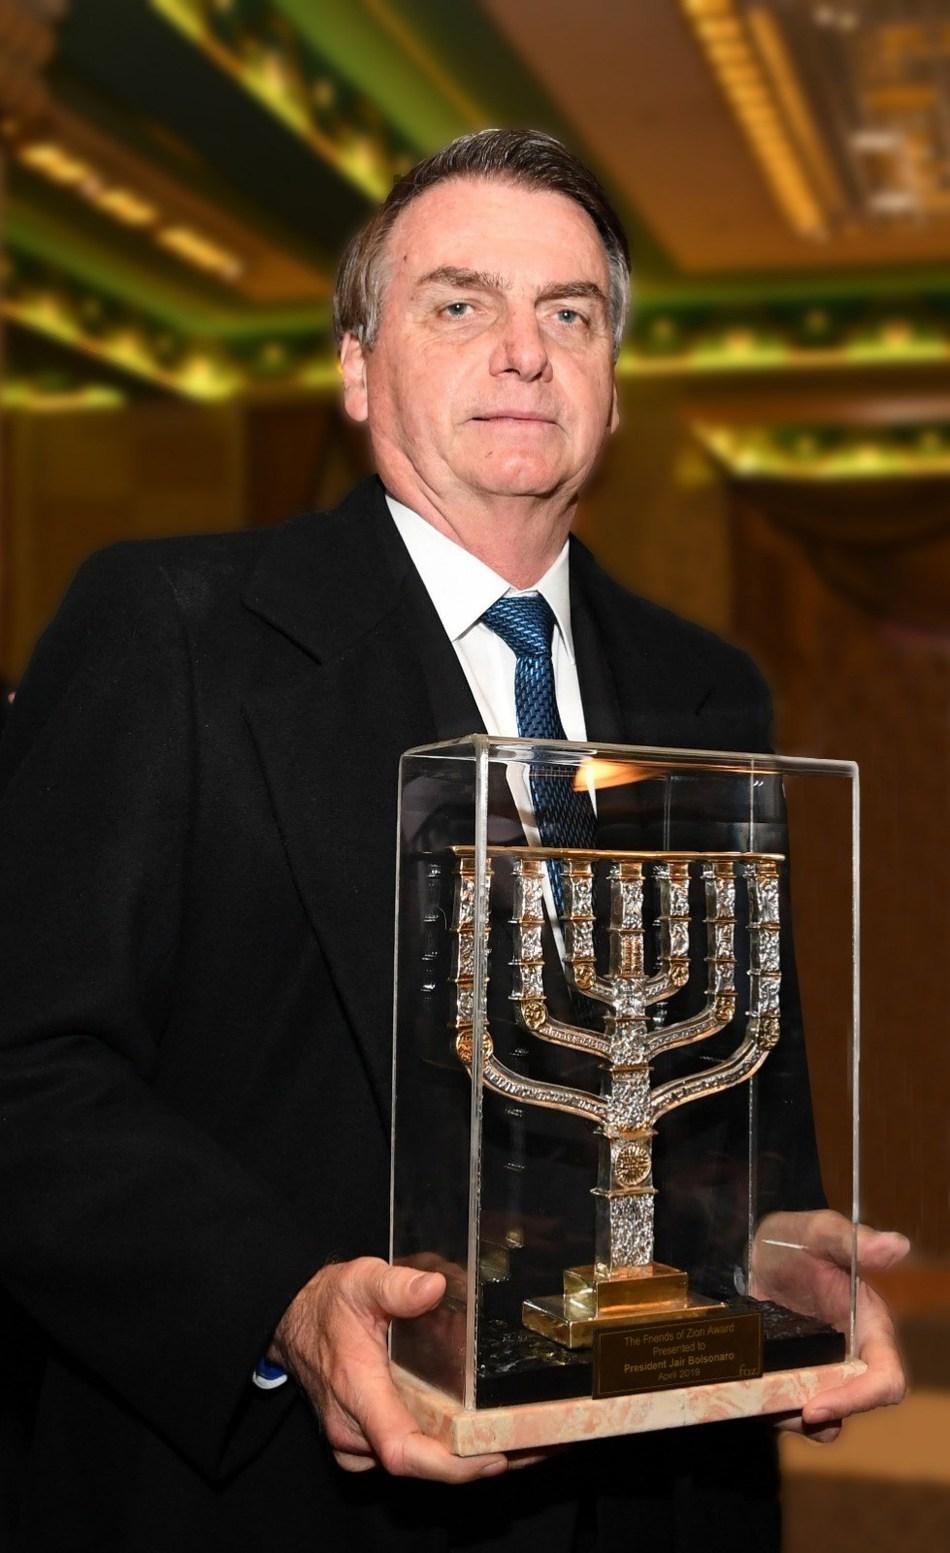 Presidente do Brasil Jair Bolsonaro Recebe a Condecoração dos Amigos de Zion, Photo credit:  Peter Halmagyi (PRNewsfoto/Friends of Zion Museum)